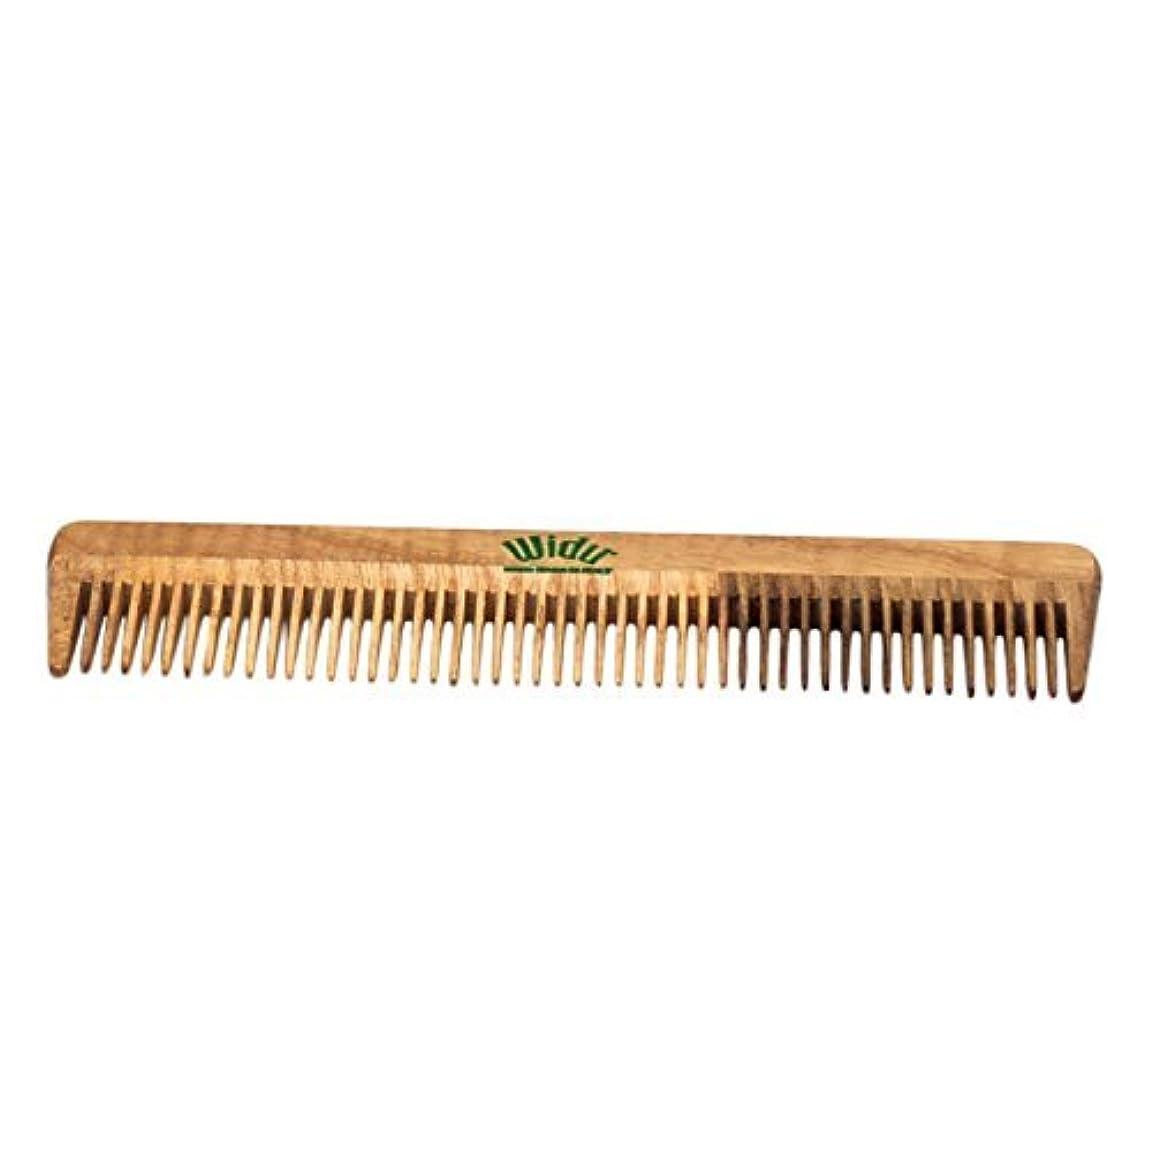 親マオリハッピーSmall Comb with Thin Spaced Teeth 1 Count [並行輸入品]